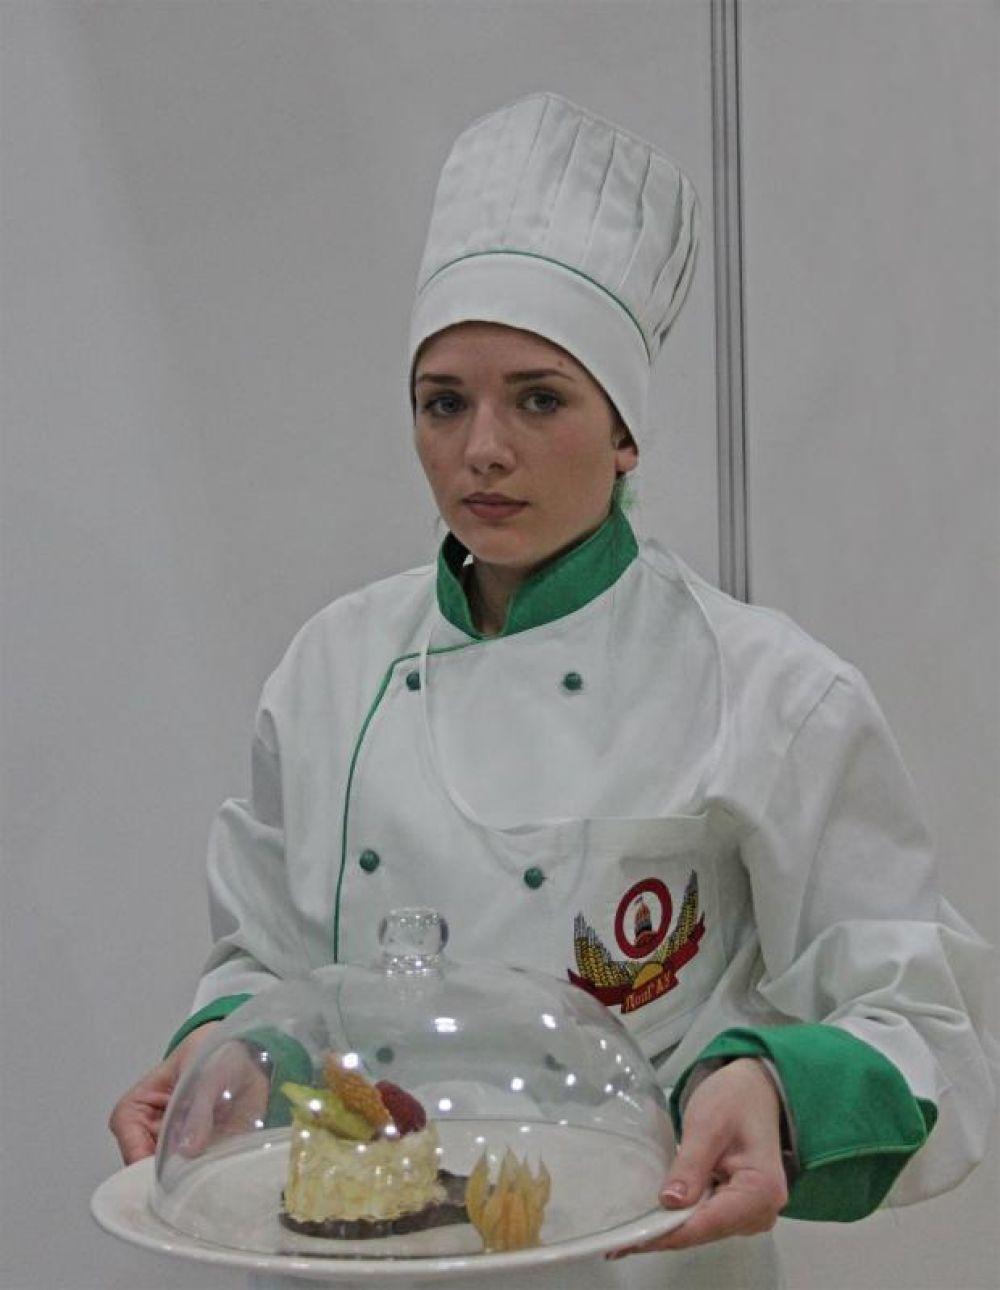 В отборочном туре кулинарного чемпионата «Chef a la Russe» победу одержала команда «Сборная Красной поляны» (Сочи).